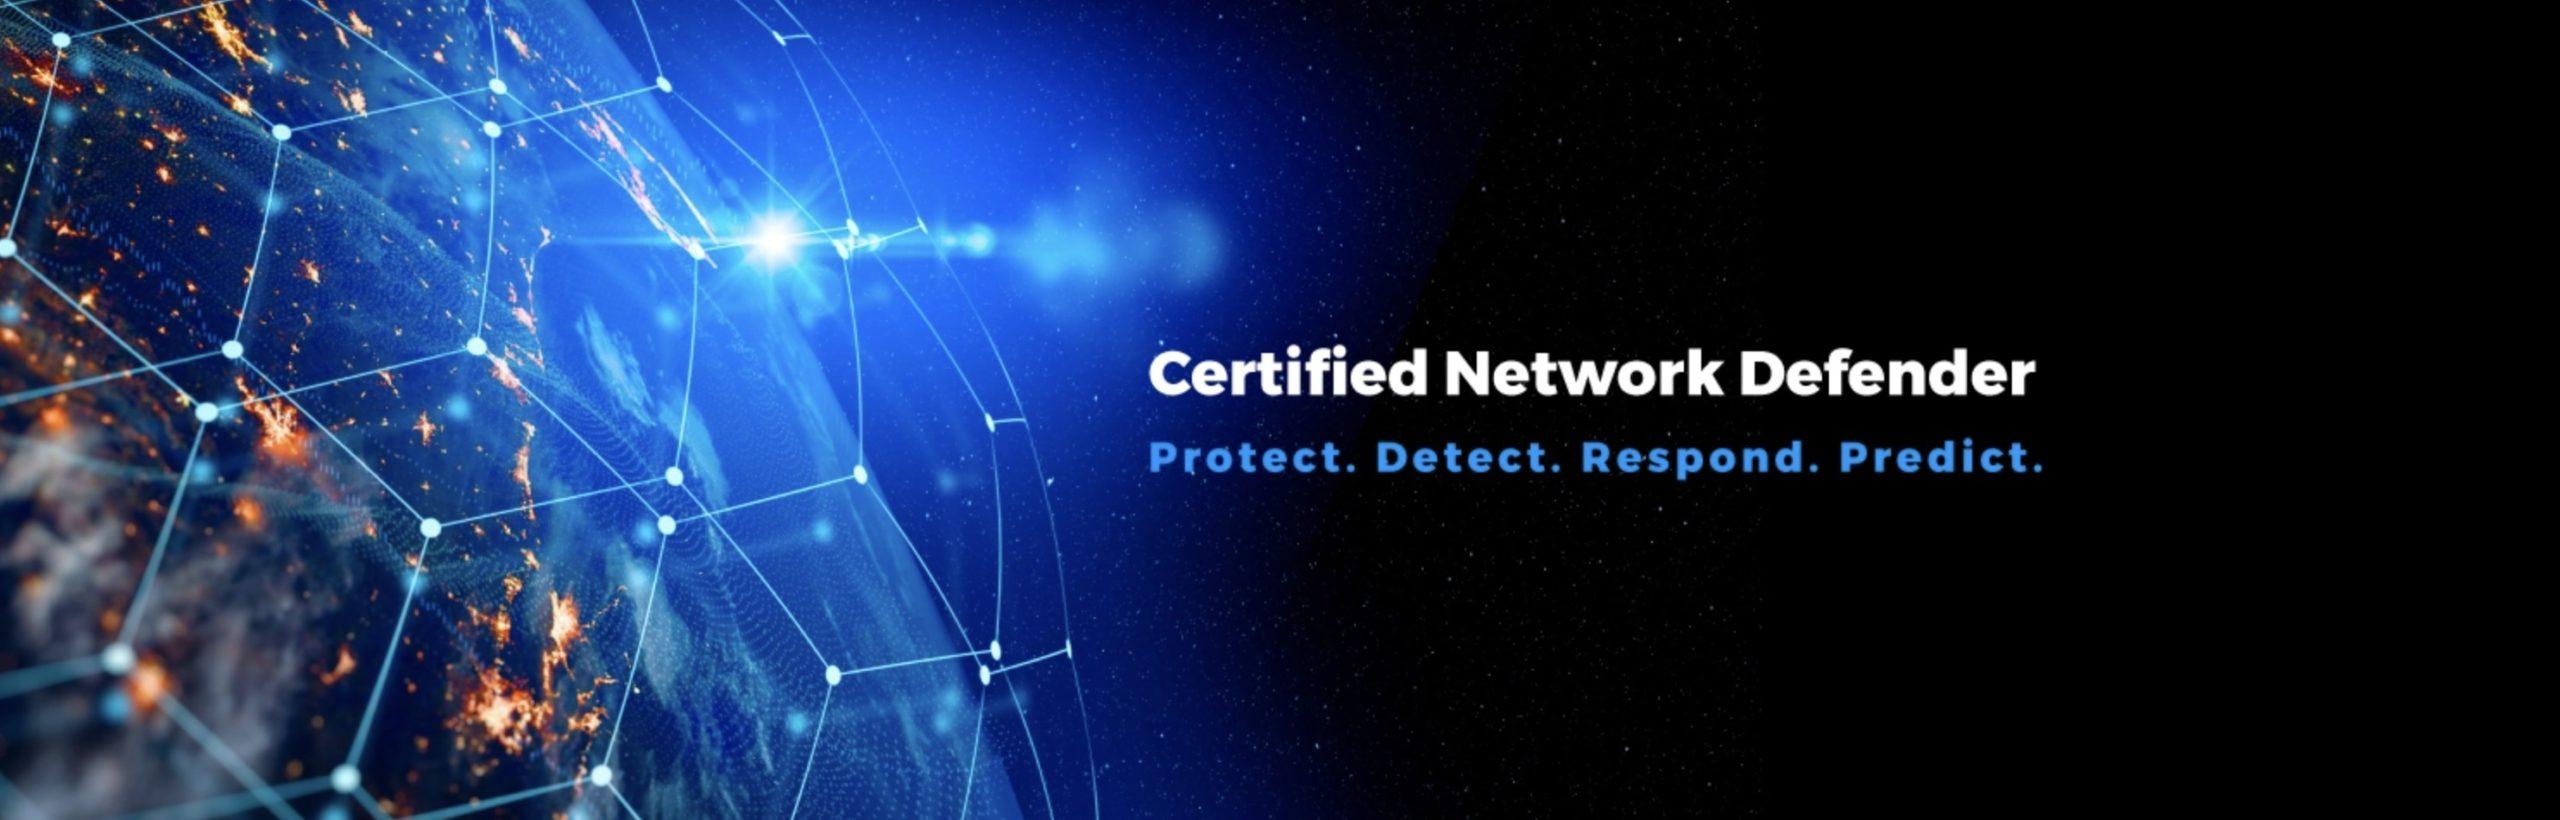 Certified Network Defender CND